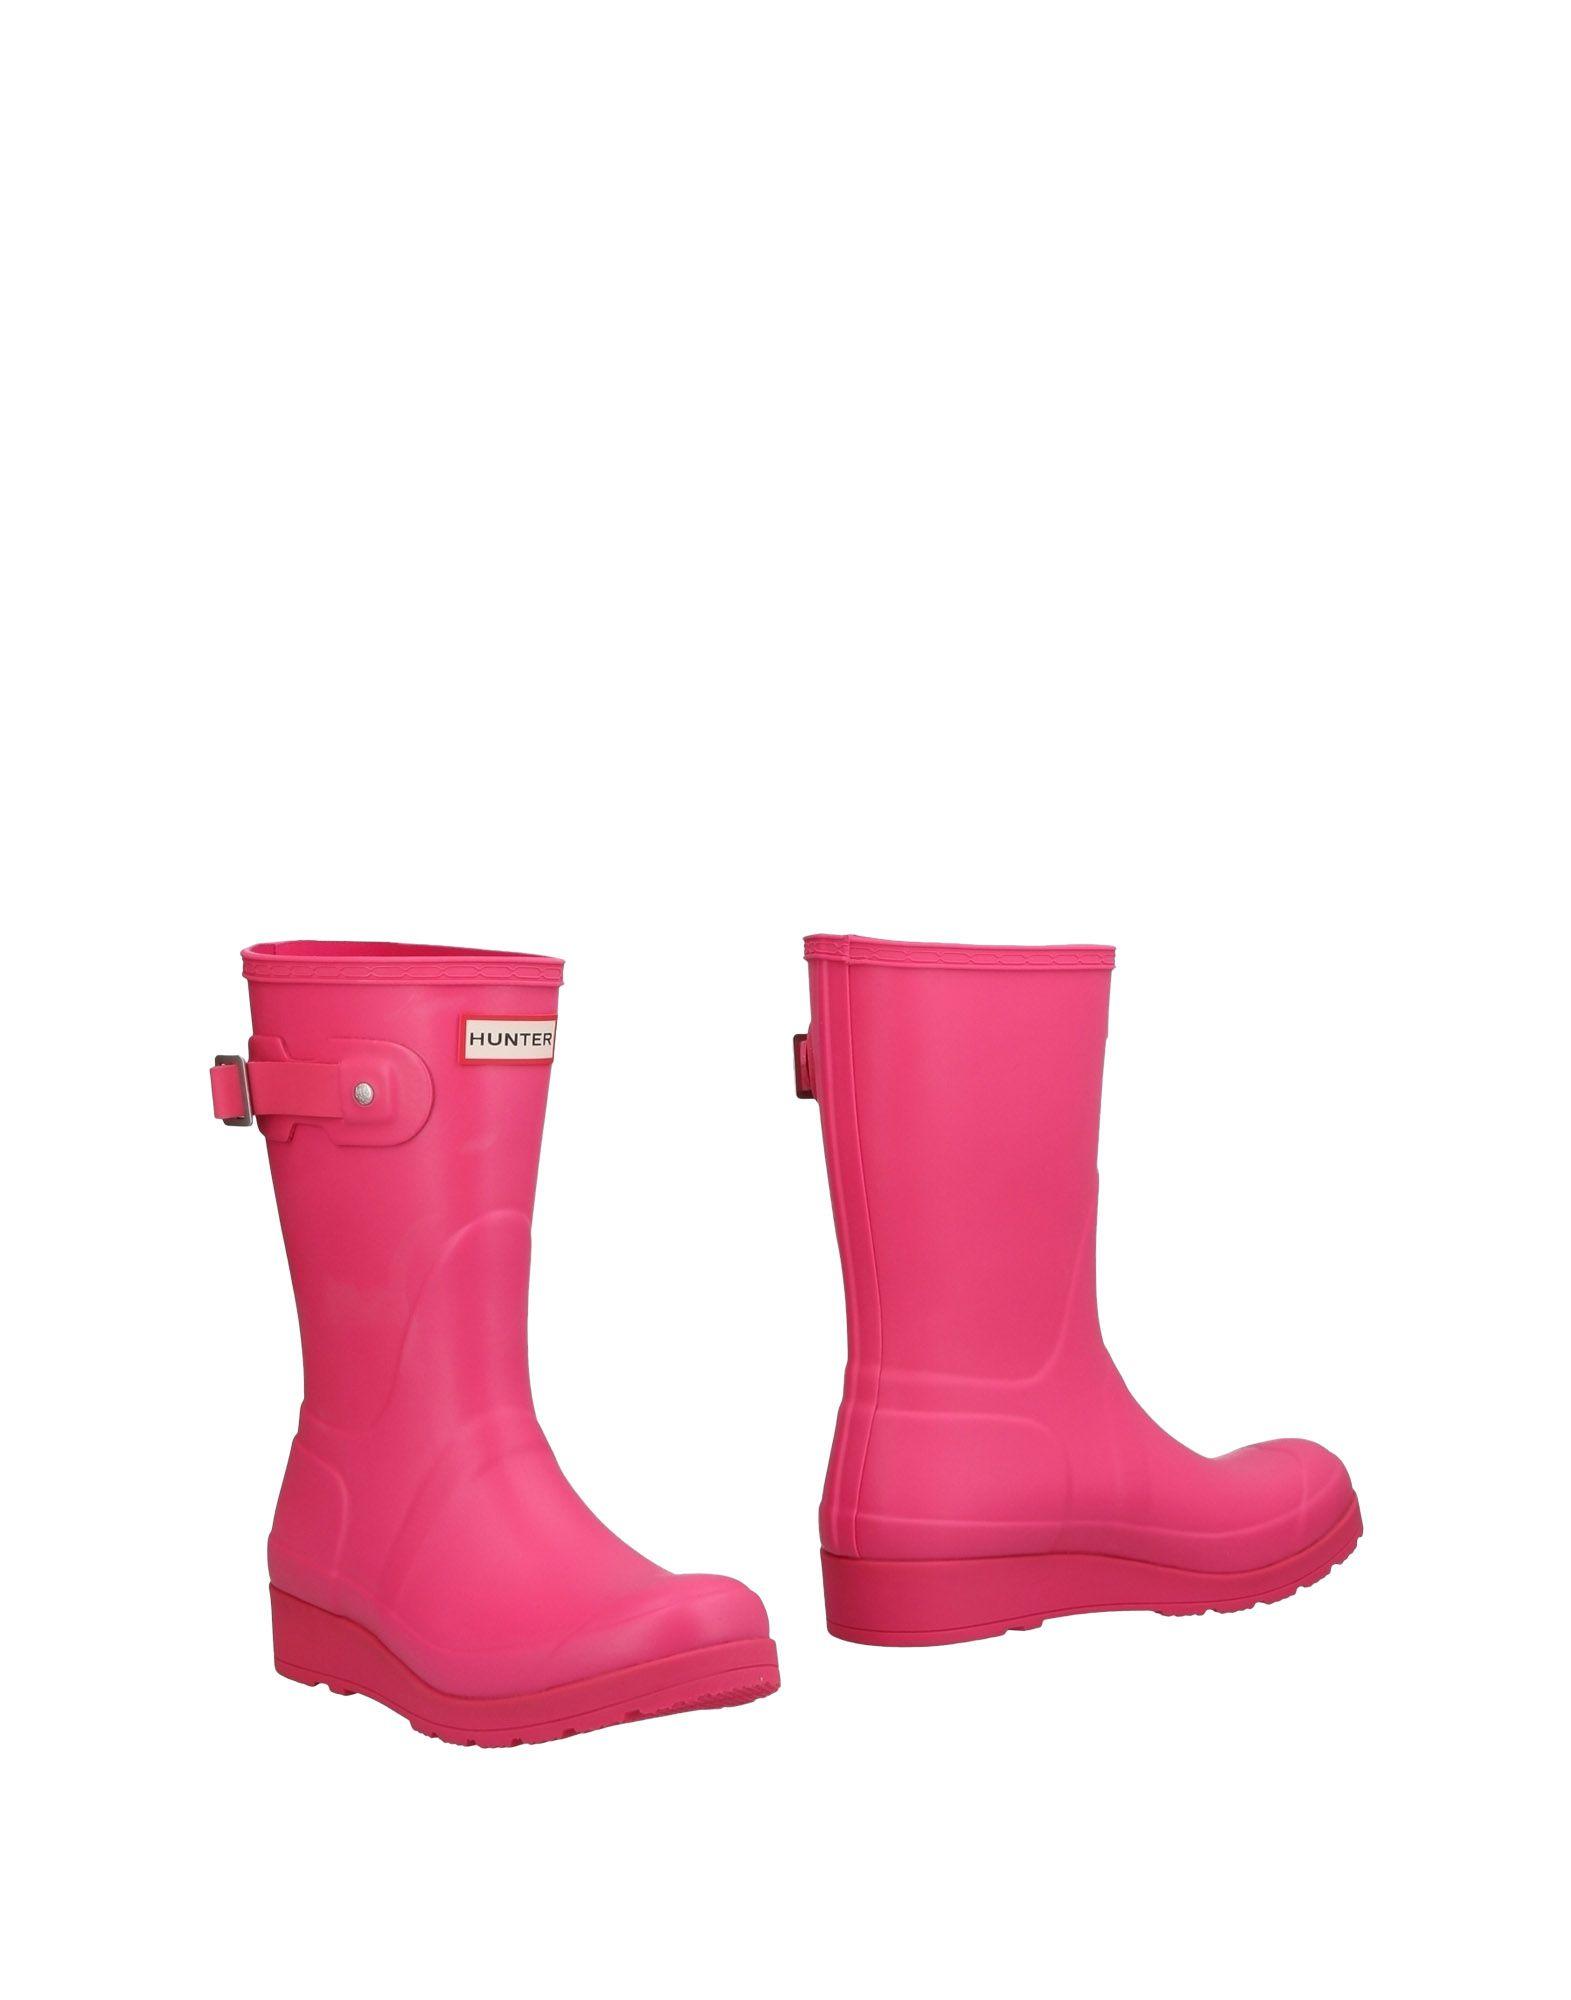 《送料無料》HUNTER レディース ショートブーツ ピンク 3 ゴム